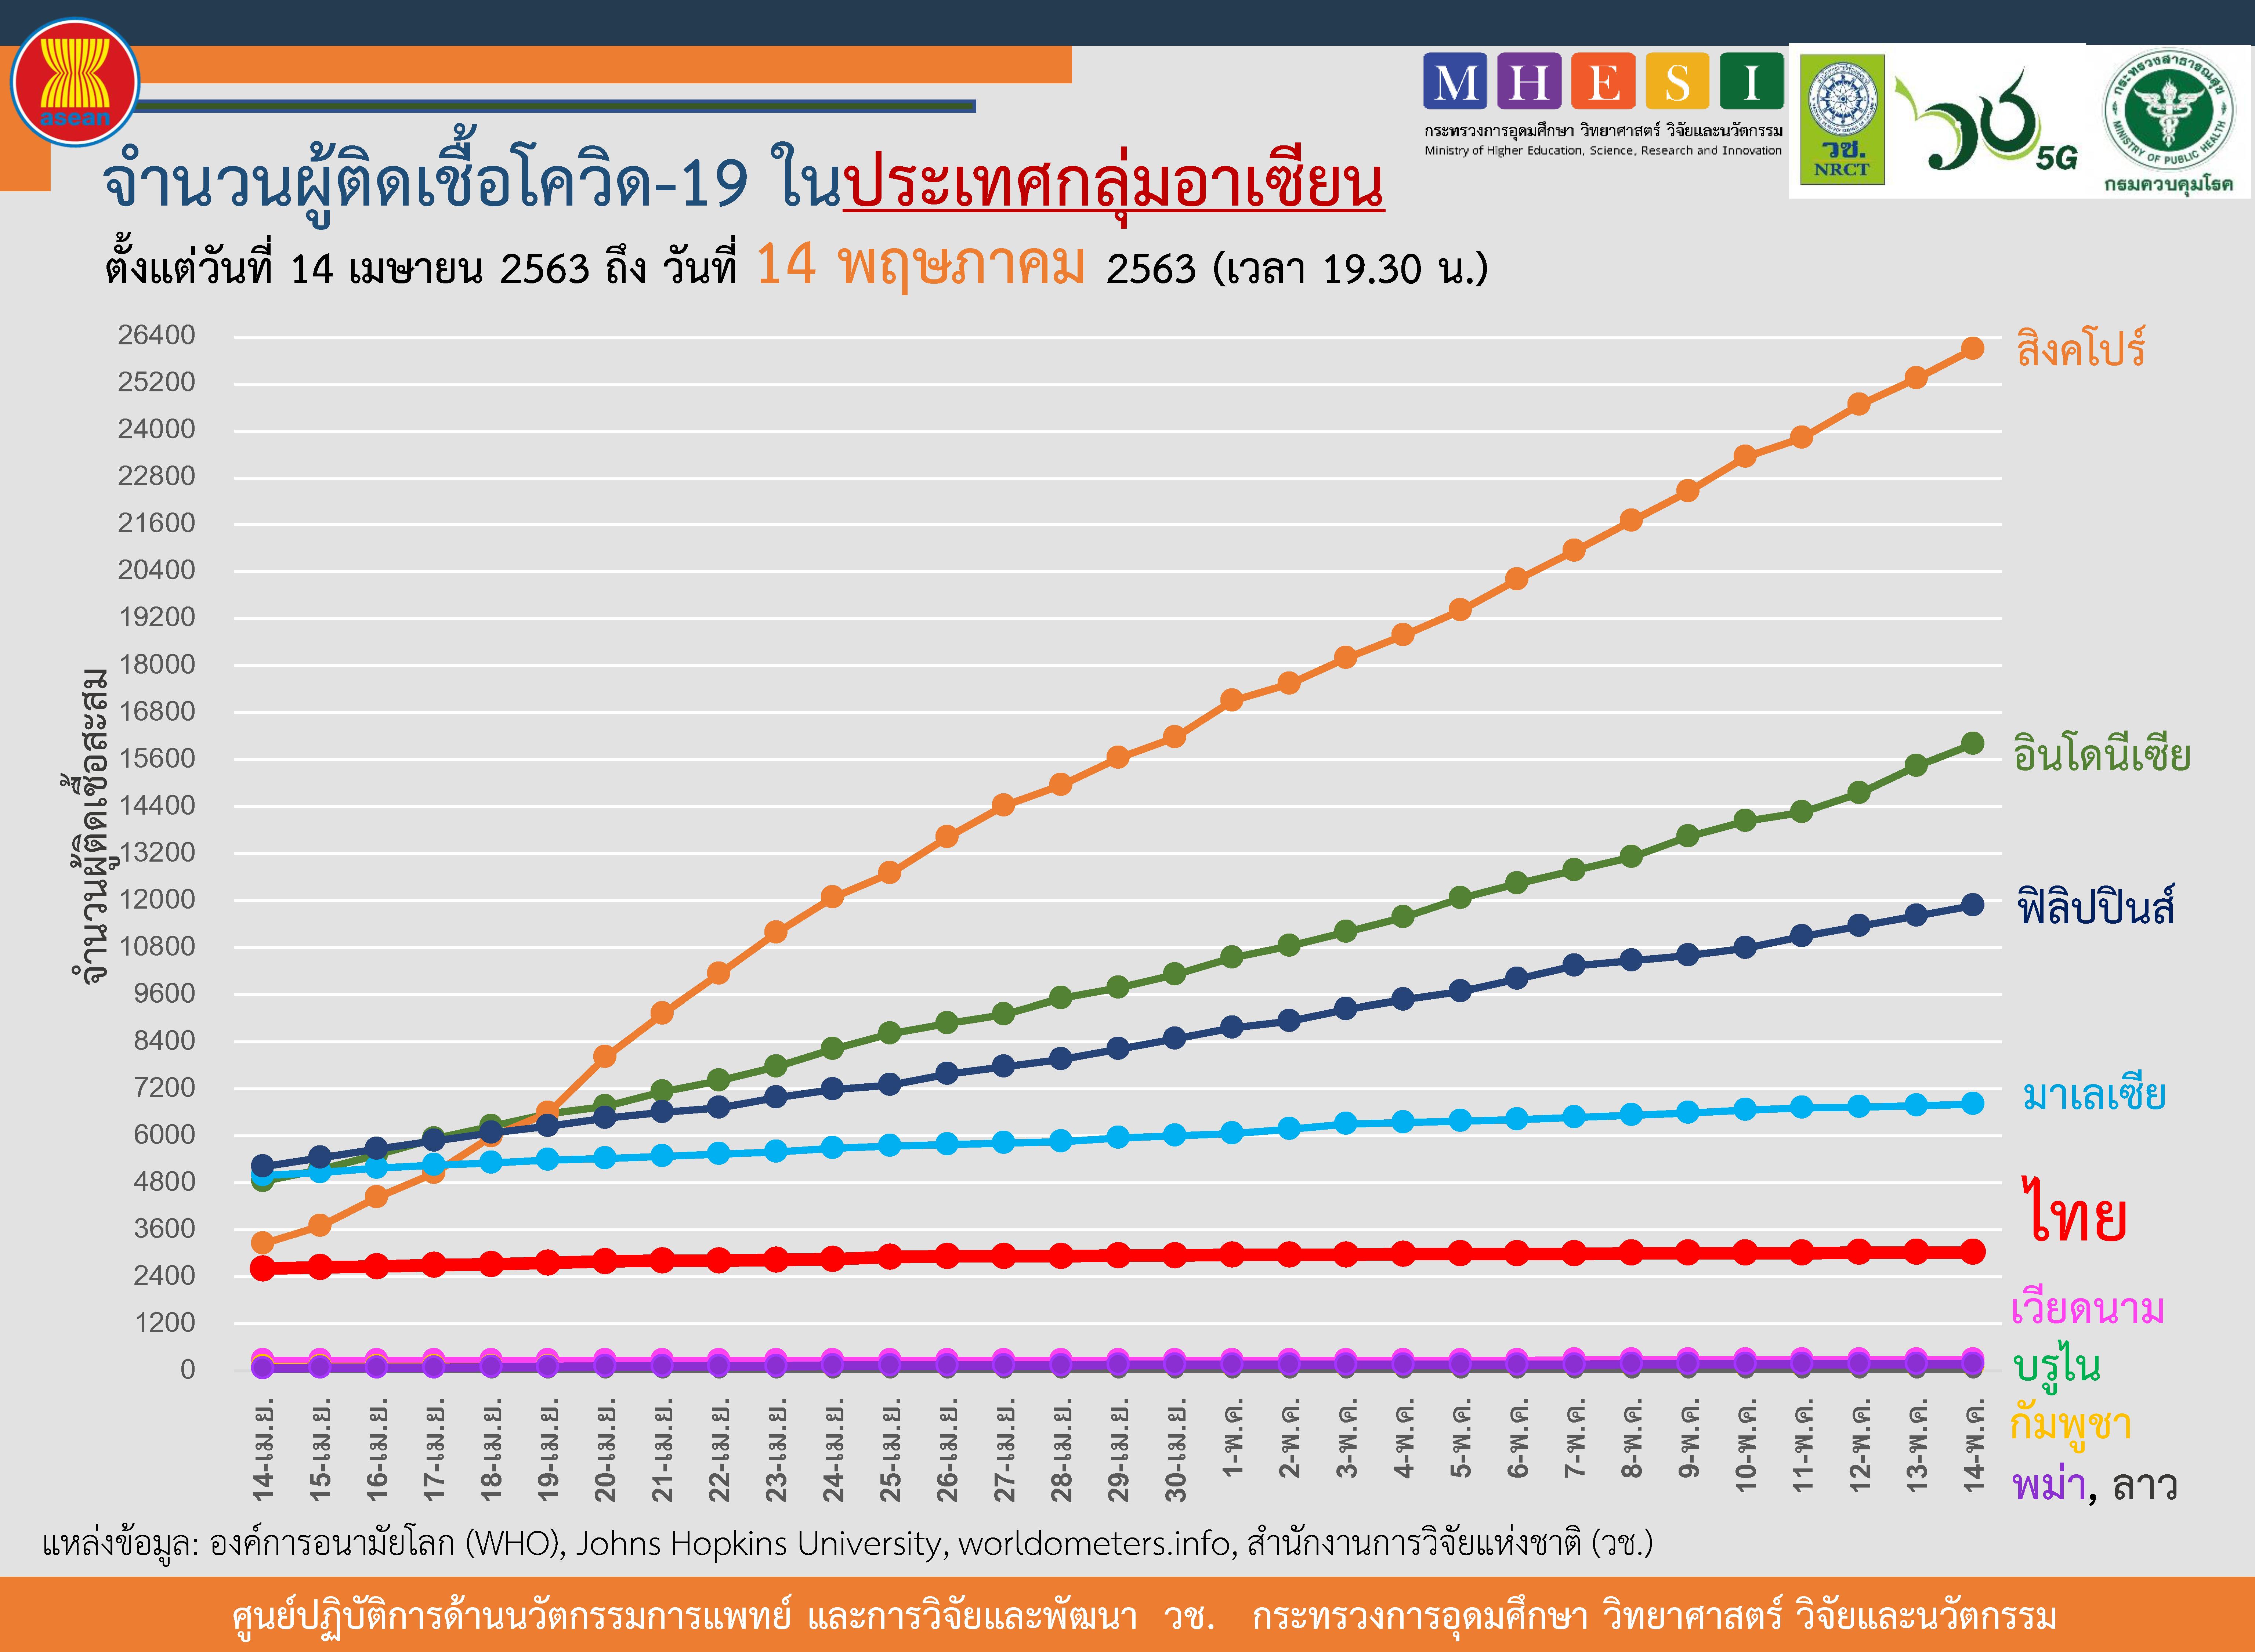 จับตาอาเซียน 'สิงคโปร์' ยอดสะสมยังสูงสุด วันเดียวเพิ่ม 752 ราย 4 ประเทศไร้ติดเชื้อใหม่